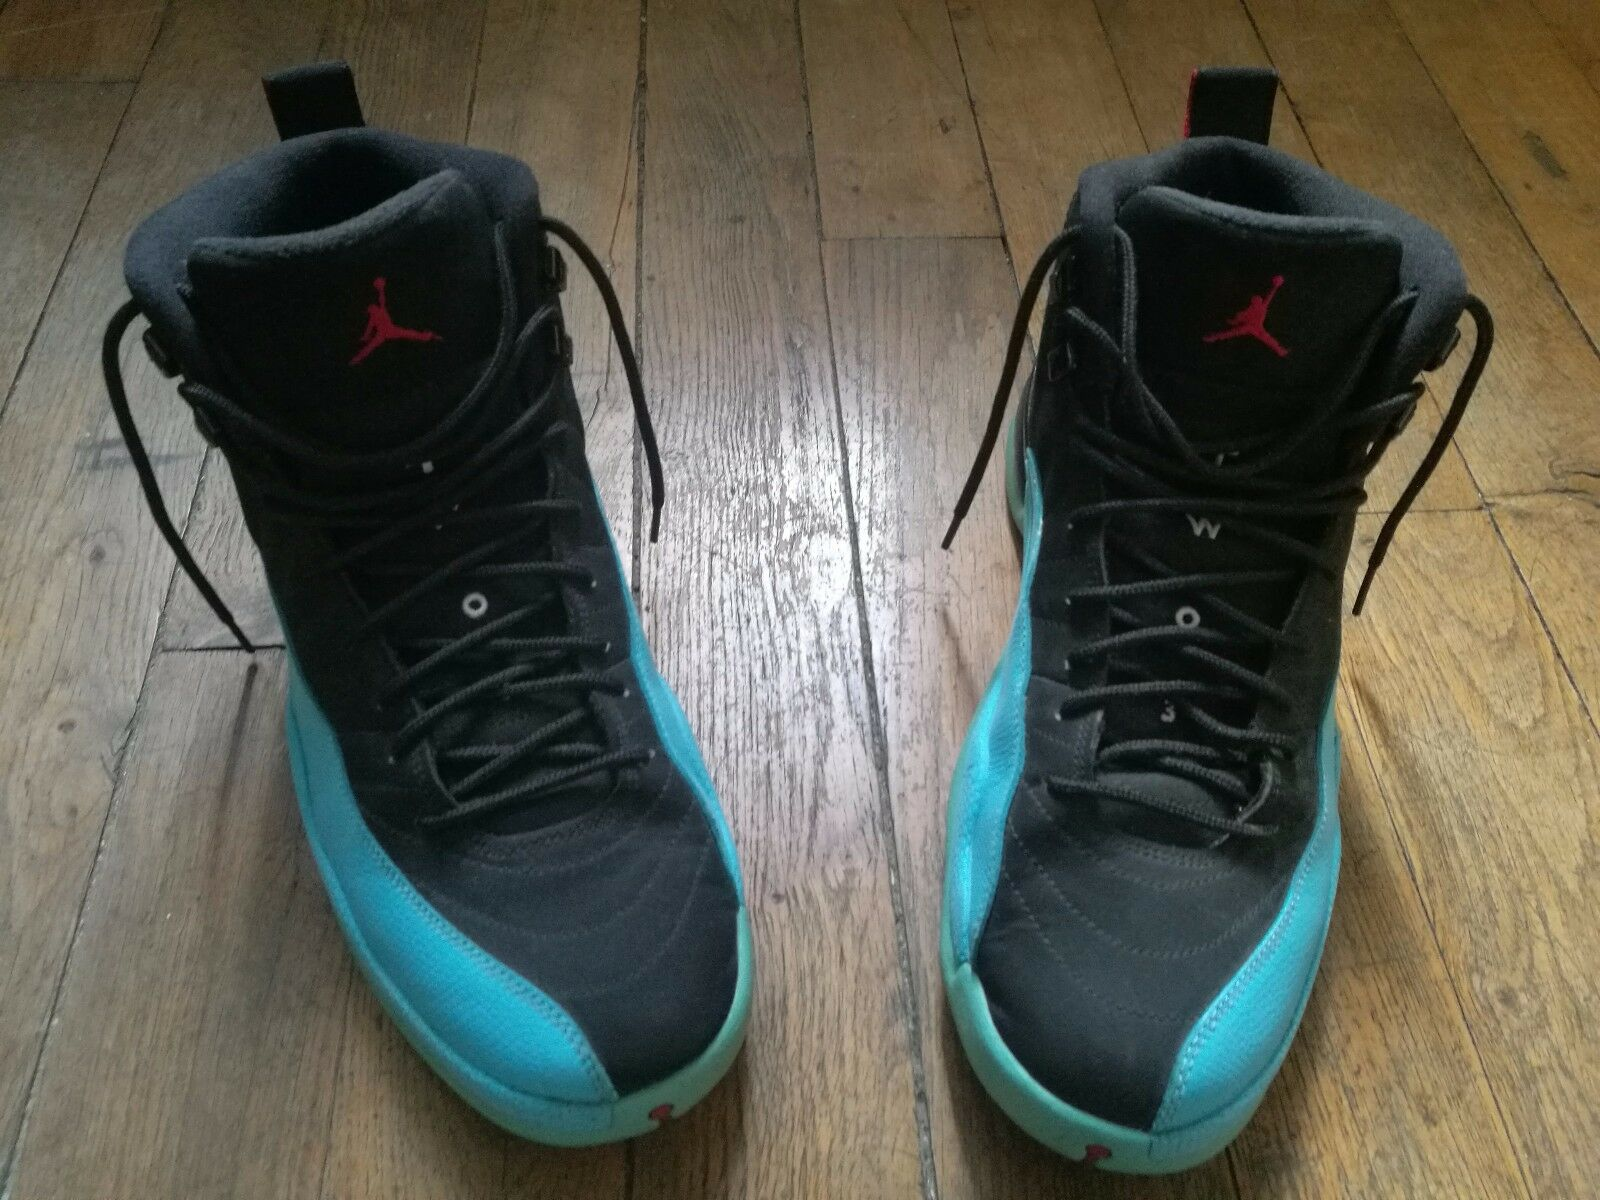 Nike air jordan 12 retro blau - xii - blau retro als 44 eu / größe 10 us - 2e569b